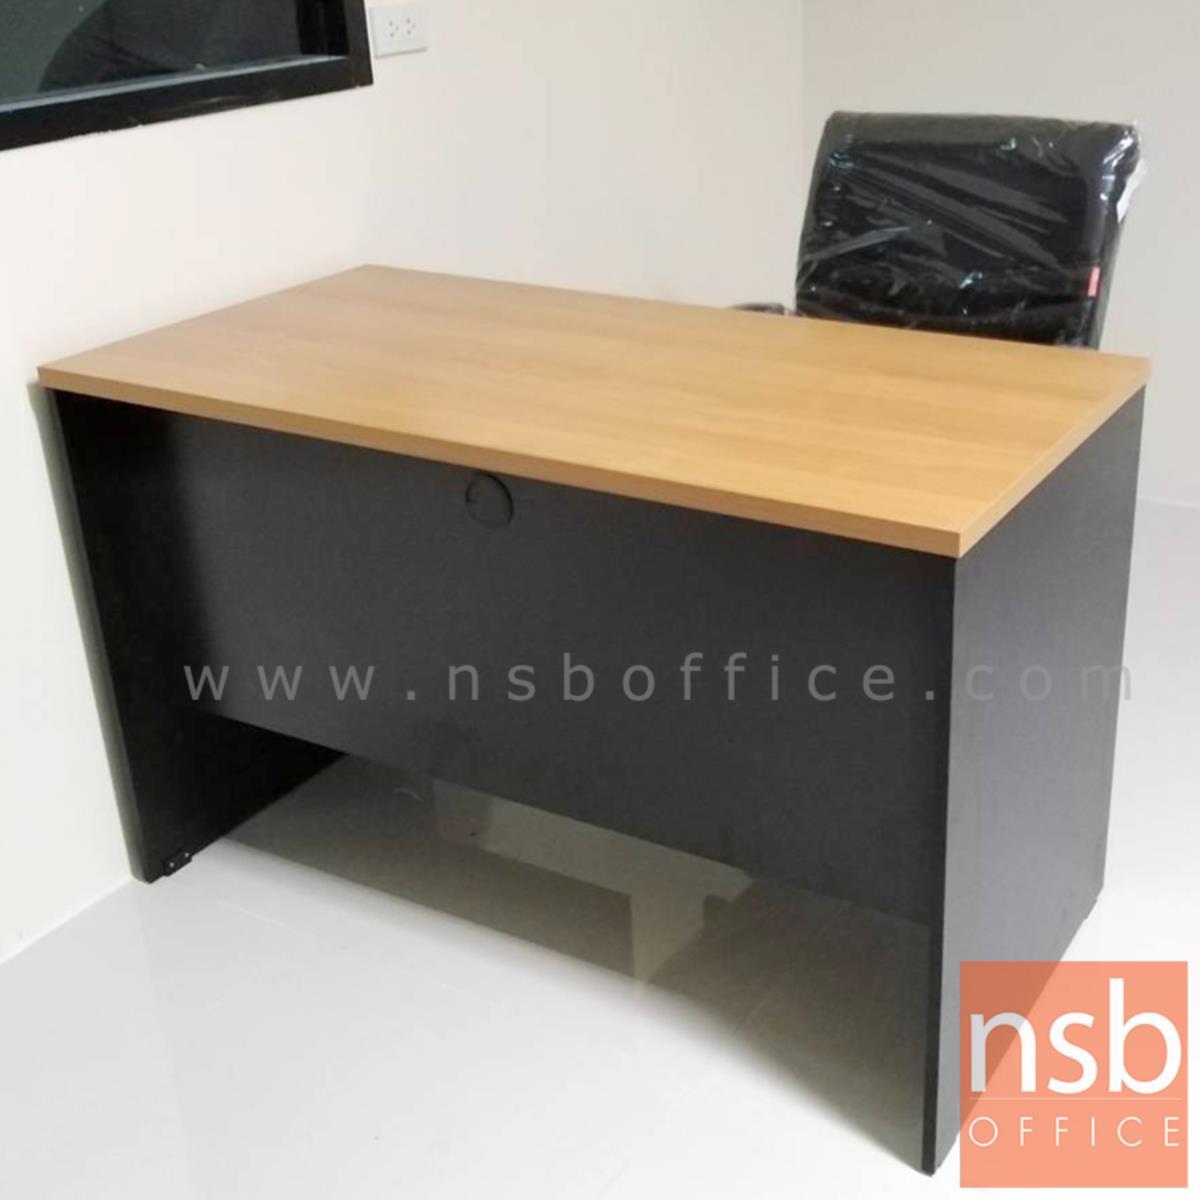 โต๊ะทำงานโล่ง รุ่น Sledge (สเลดจ์) ขนาด 80W ,120W ,150W (60D ,75D) cm.  เมลามีน